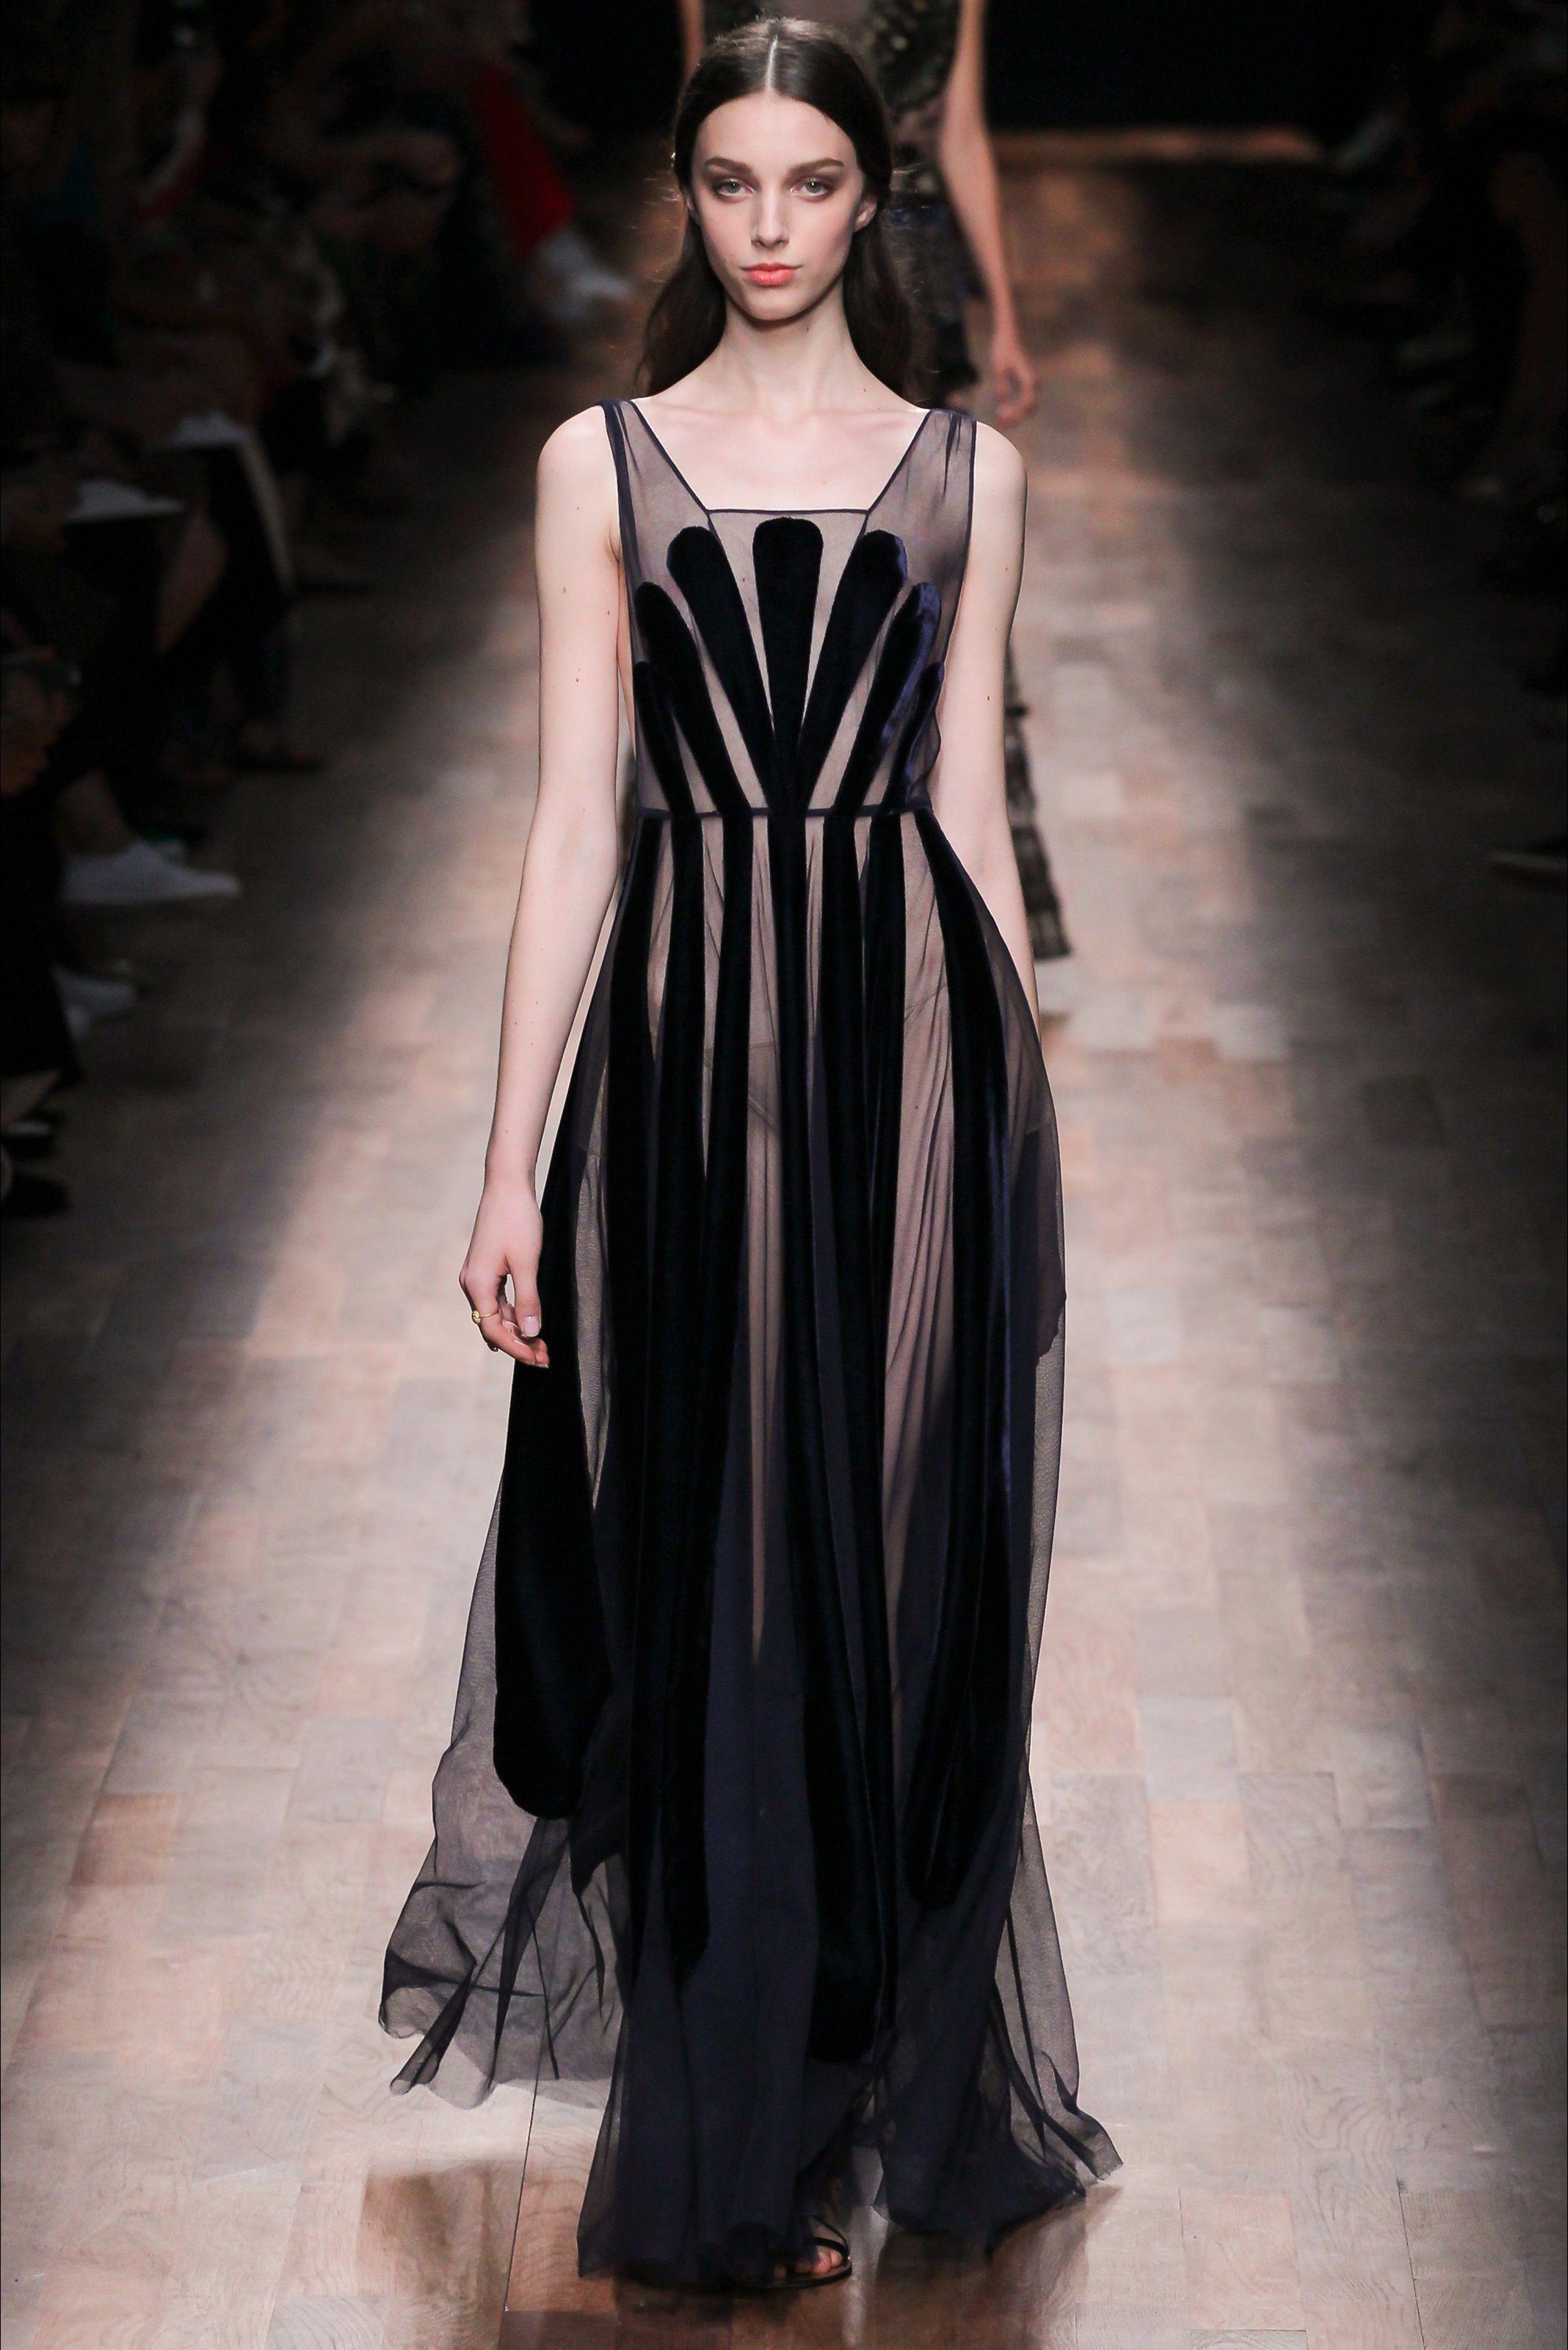 c5669389e4 Sfilata Valentino Parigi - Collezioni Primavera Estate 2015 - Vogue ...